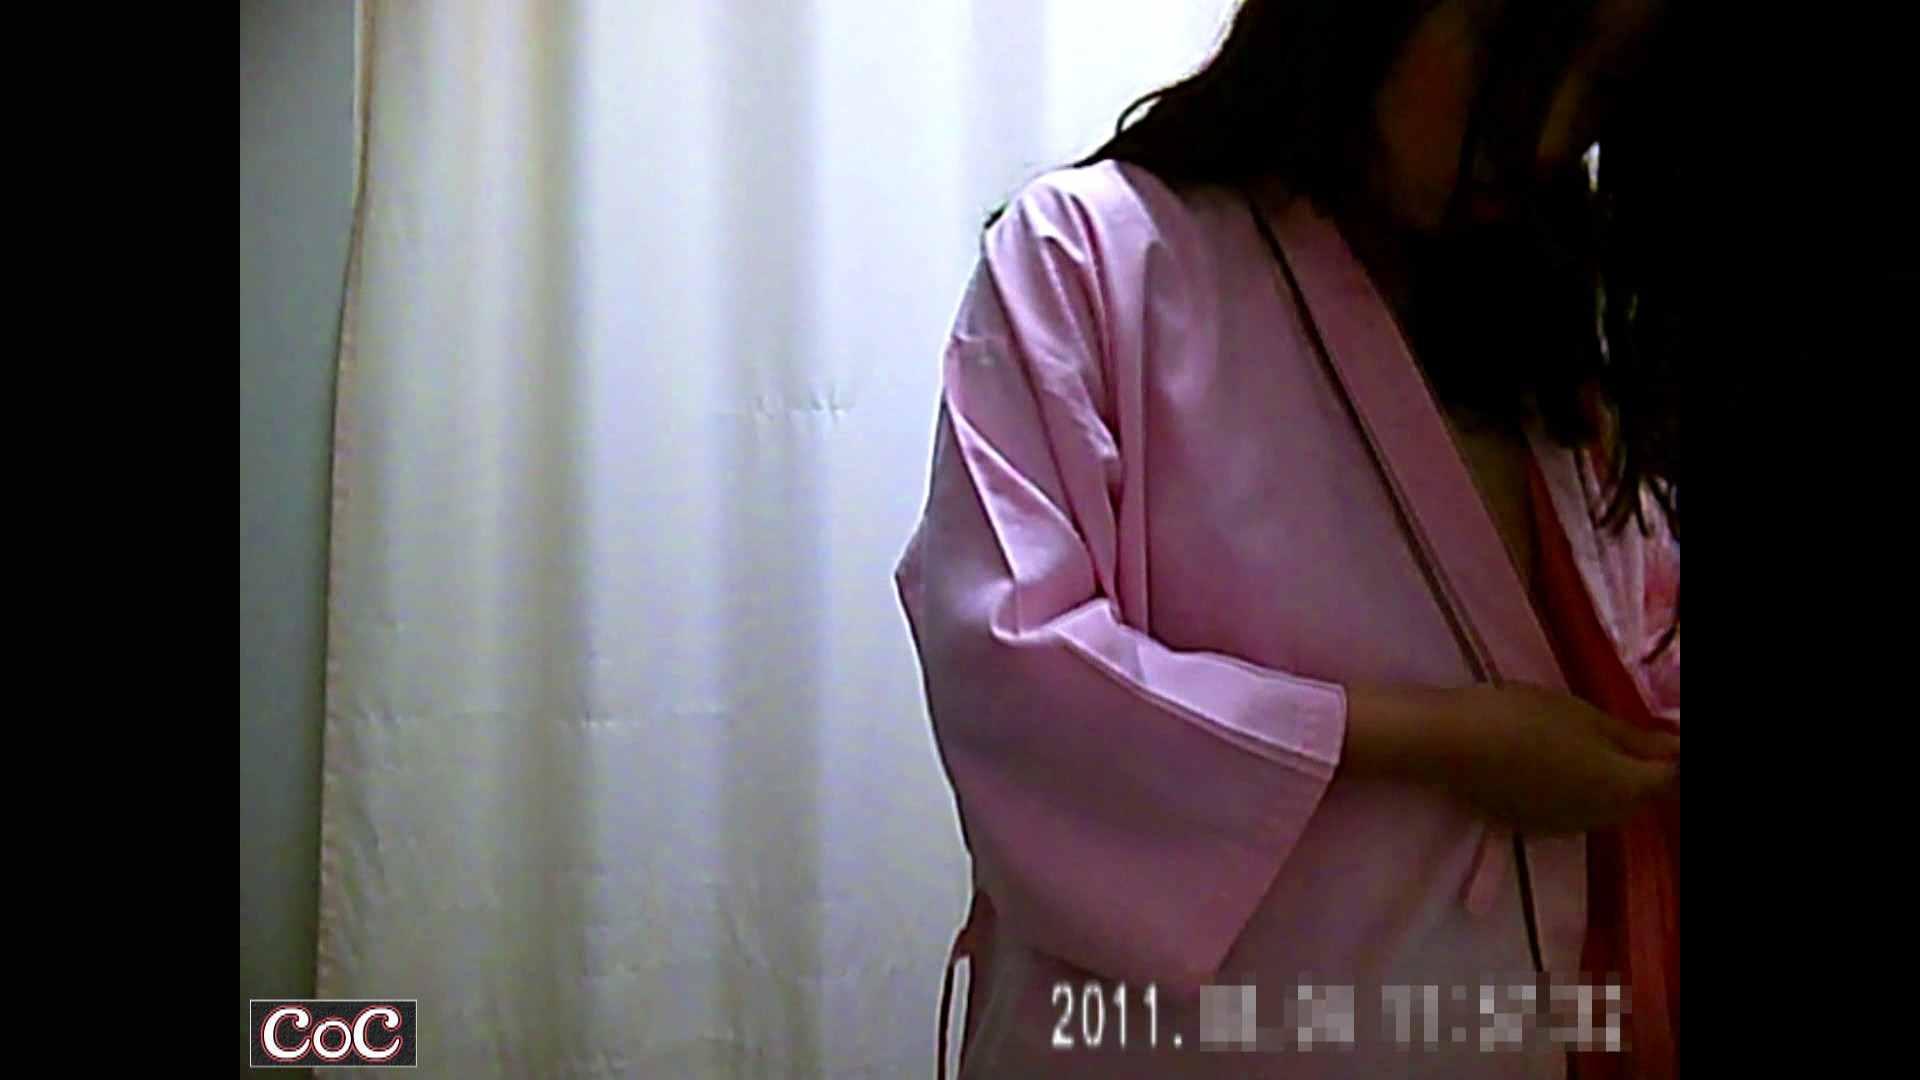 病院おもいっきり着替え! vol.10 乳首 おめこ無修正画像 74画像 37